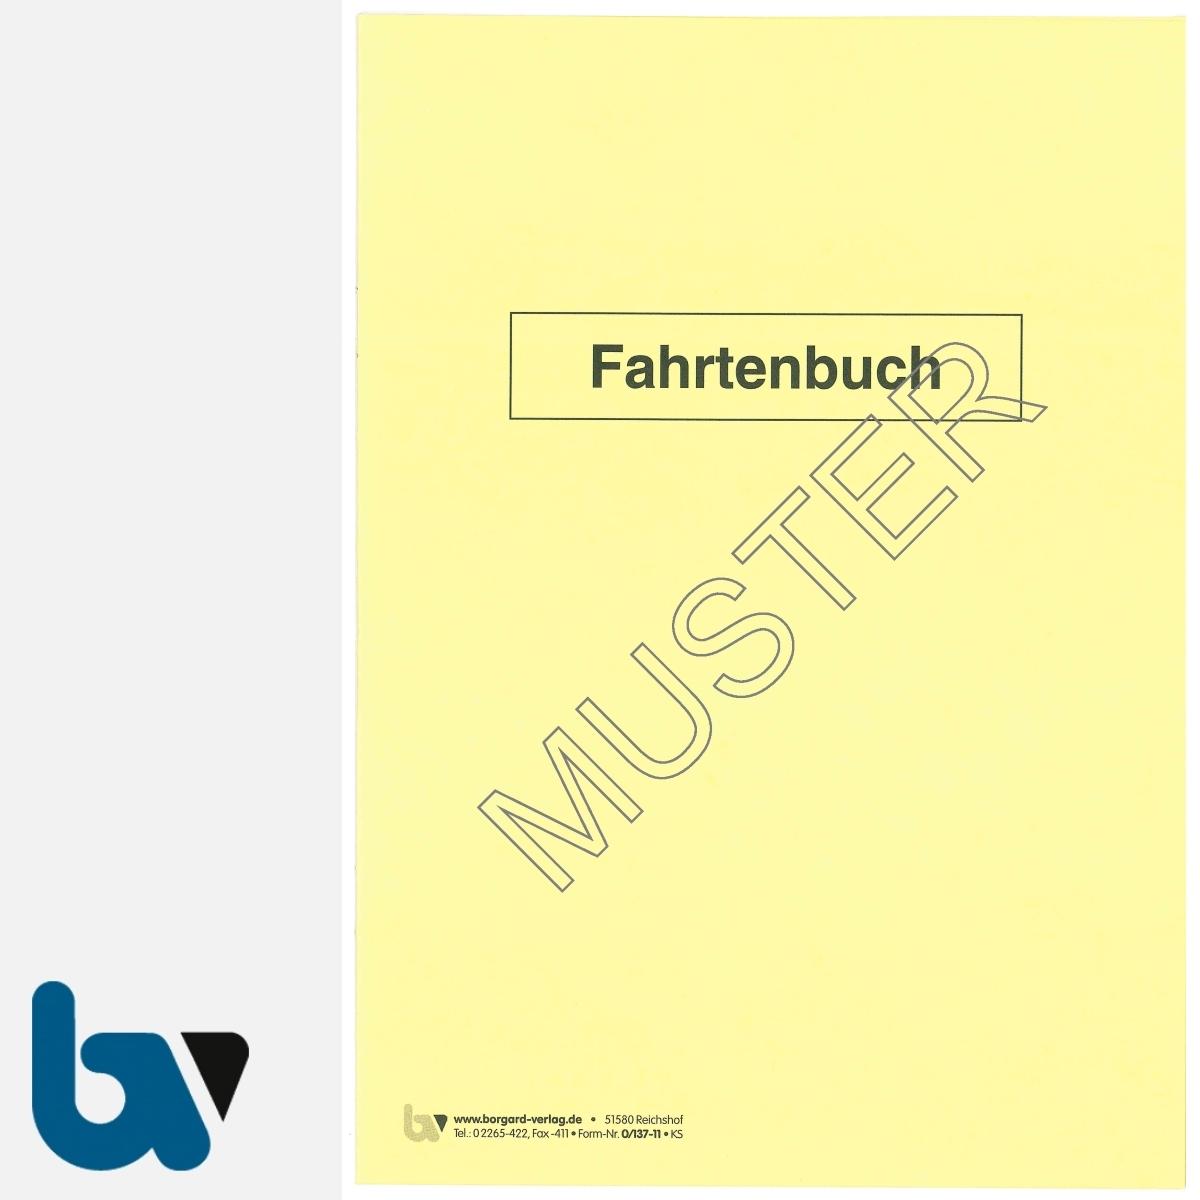 0/137-11 Fahrtenbuch Fahrzeug Dienstreise dienstlich Verwaltung Behörde DIN A5 Seite 1 | Borgard Verlag GmbH